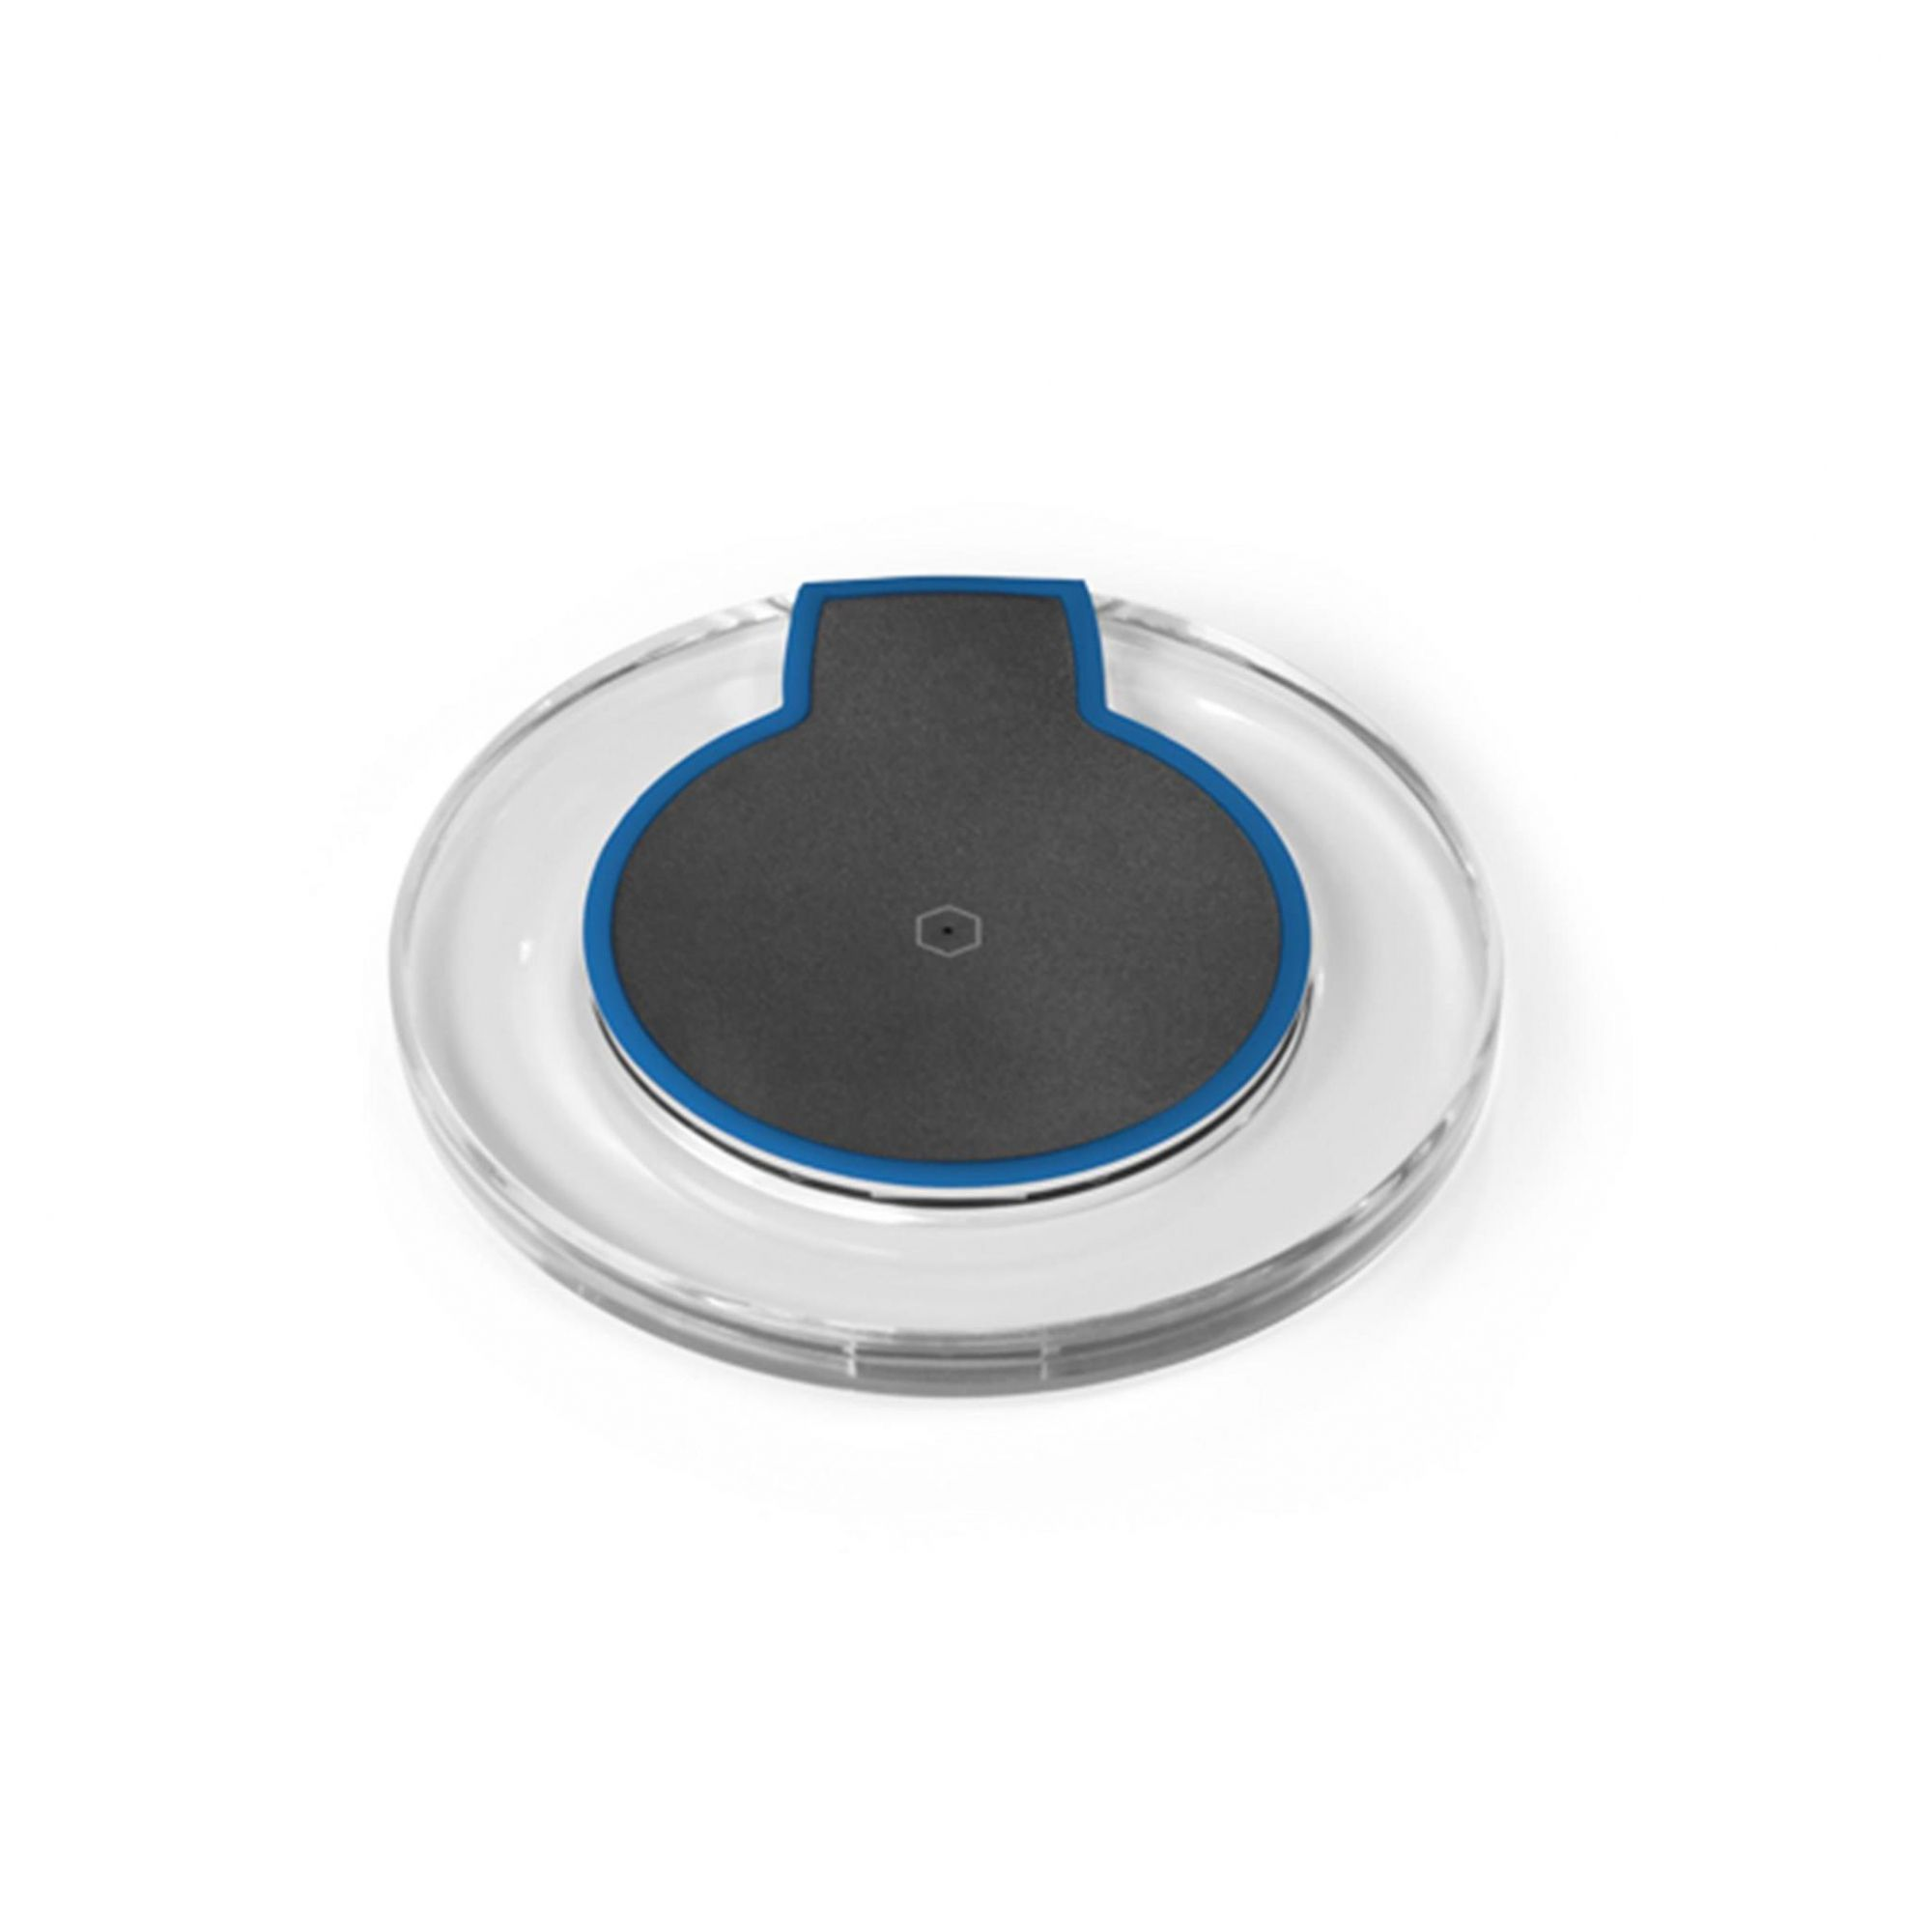 Carregdor Wireless